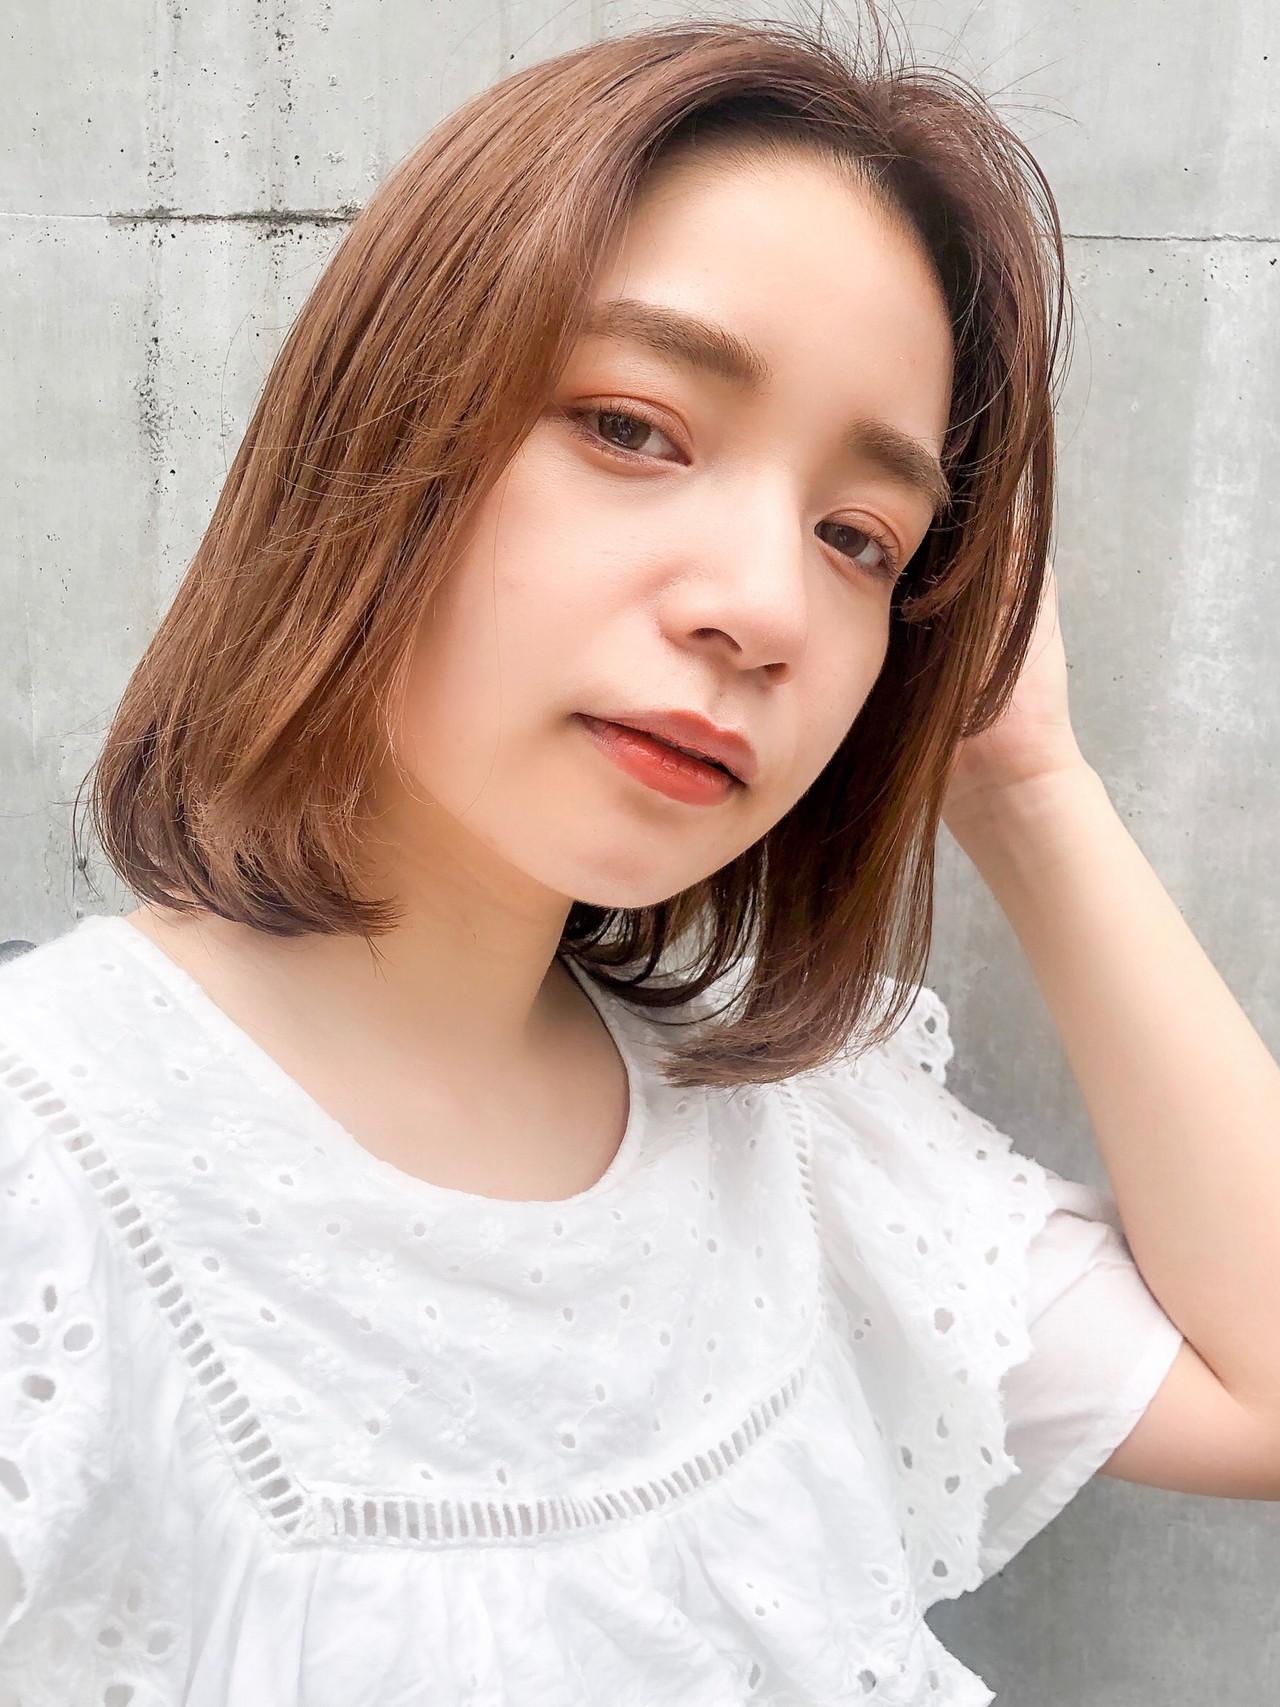 デジタルパーマ ミニボブ フェミニン ハイライト ヘアスタイルや髪型の写真・画像